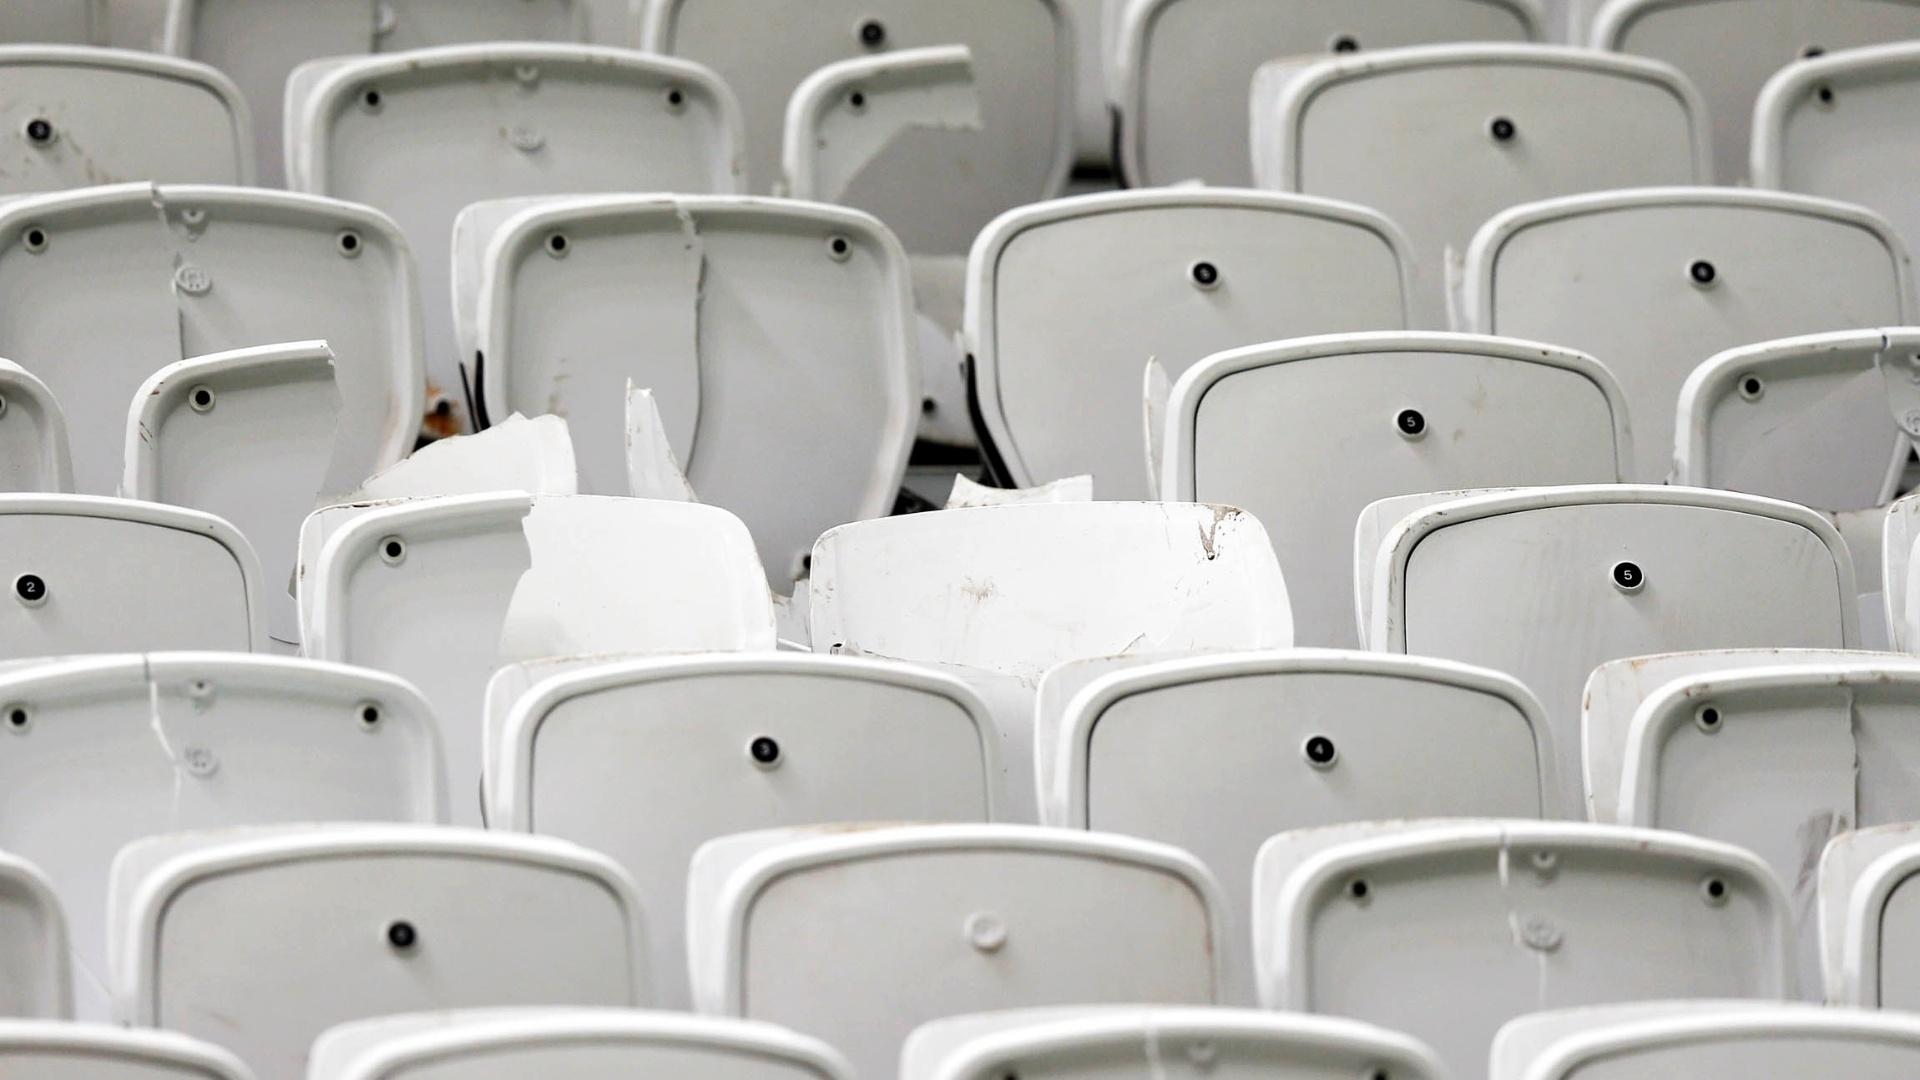 Cadeiras do Itaquerão ficam quebradas após clássico contra o Palmeiras pelo Campeonato Brasileiro